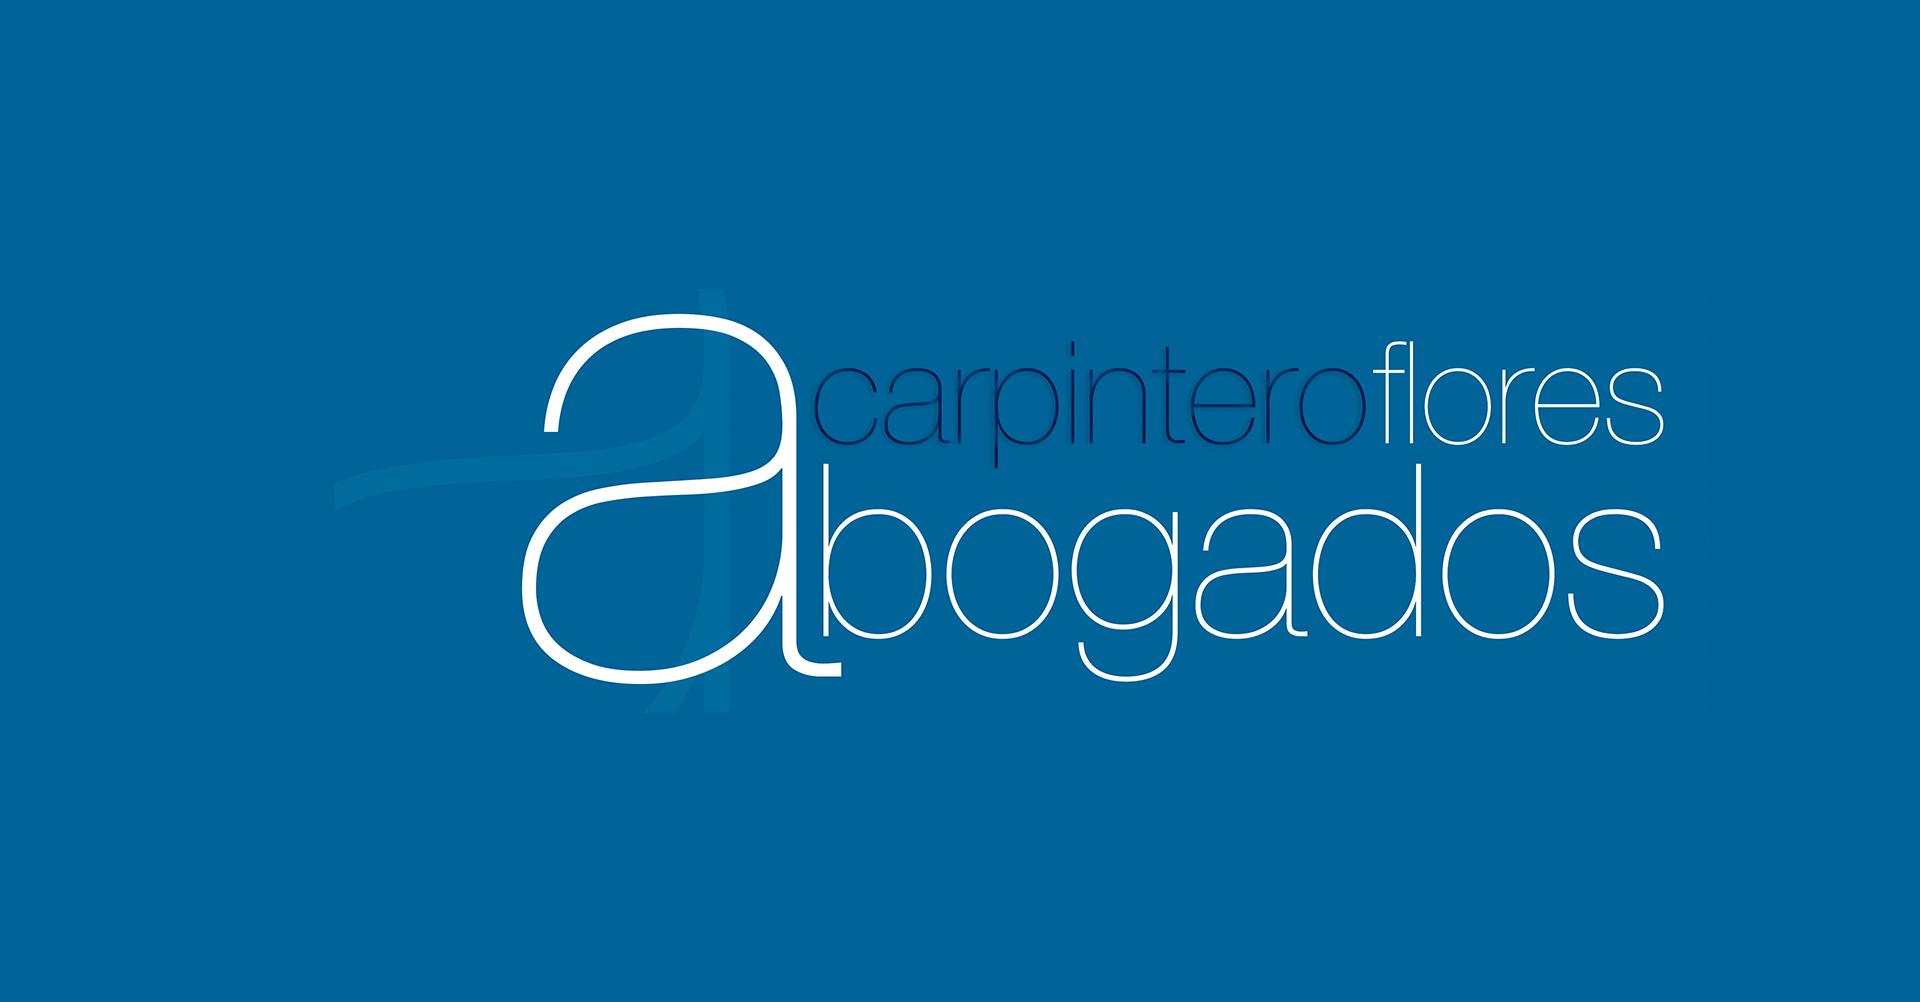 Carpintero Flores Abogados | Logo azul